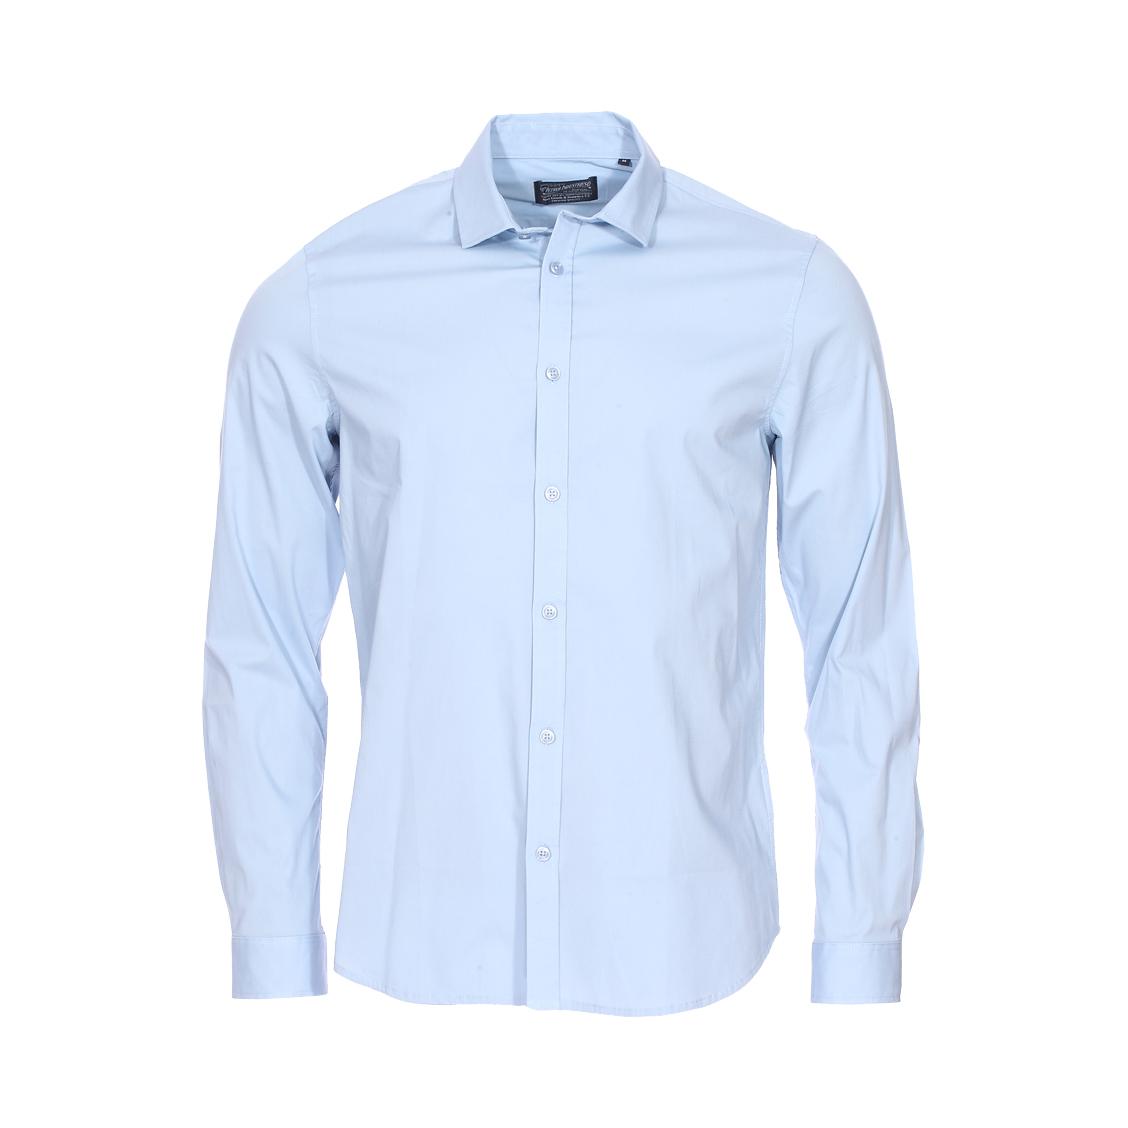 Chemise ajustée  en coton stretch bleu ciel